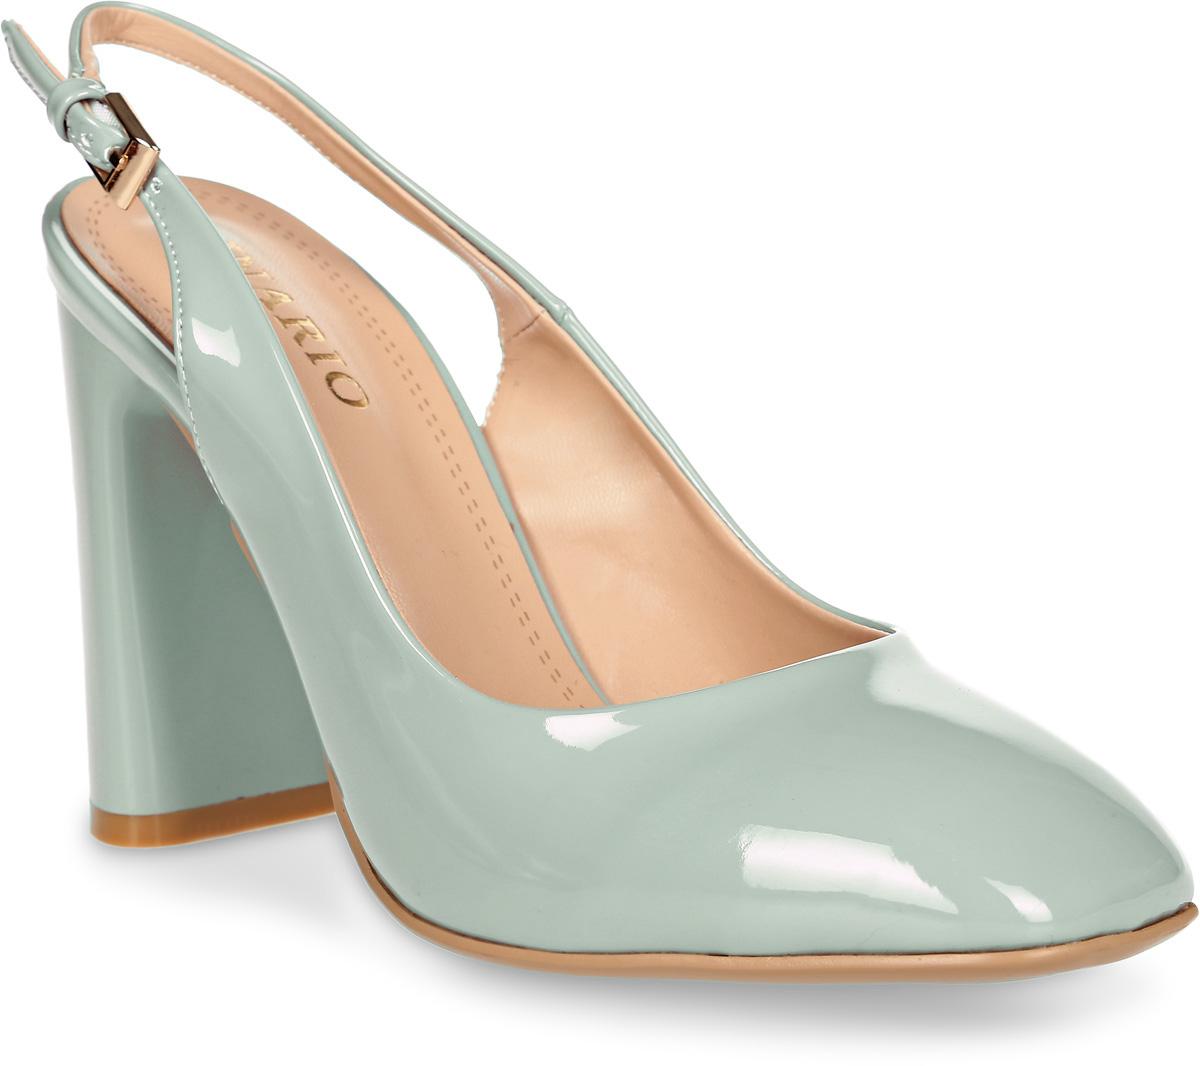 Туфли женские Inario, цвет: светло-зеленый. 17345-01-24. Размер 4017345-01-24Элегантные туфли Inario с открытой пяткой выполнены из искусственной лаковой кожи. Внутренняя поверхность и стелька из искусственной кожи обеспечат комфорт при движении. Ремешок с металлической пряжкой надежно зафиксирует модель на ноге. Туфли имеют круглый мысок и широкий устойчивый каблук.